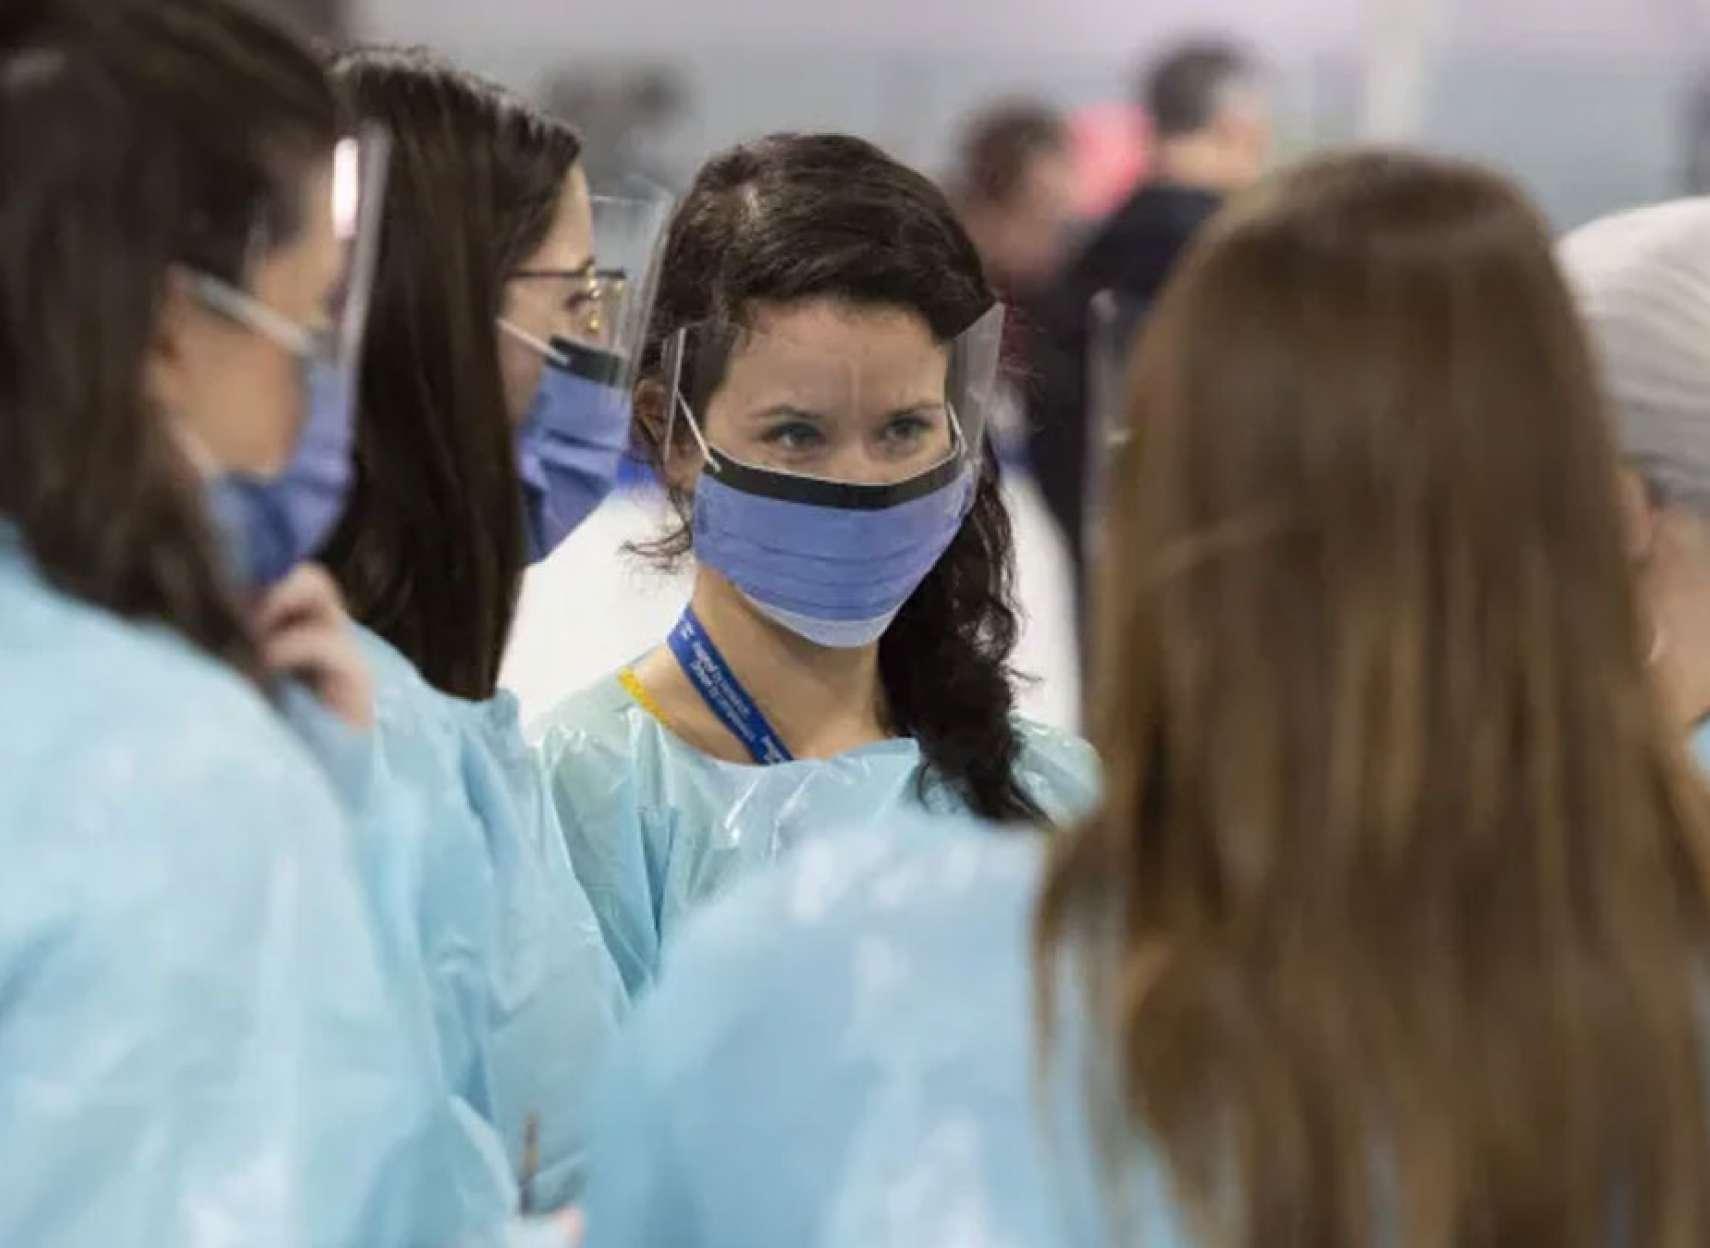 خبر-کانادا-تعلیق-و-قطع-حقوق-۱۷۲-کارمند-بیمارستان-ویندزور-انتاریو-واکسن-نزدن-۳۰۰۰-بهداشتی-فرانسه